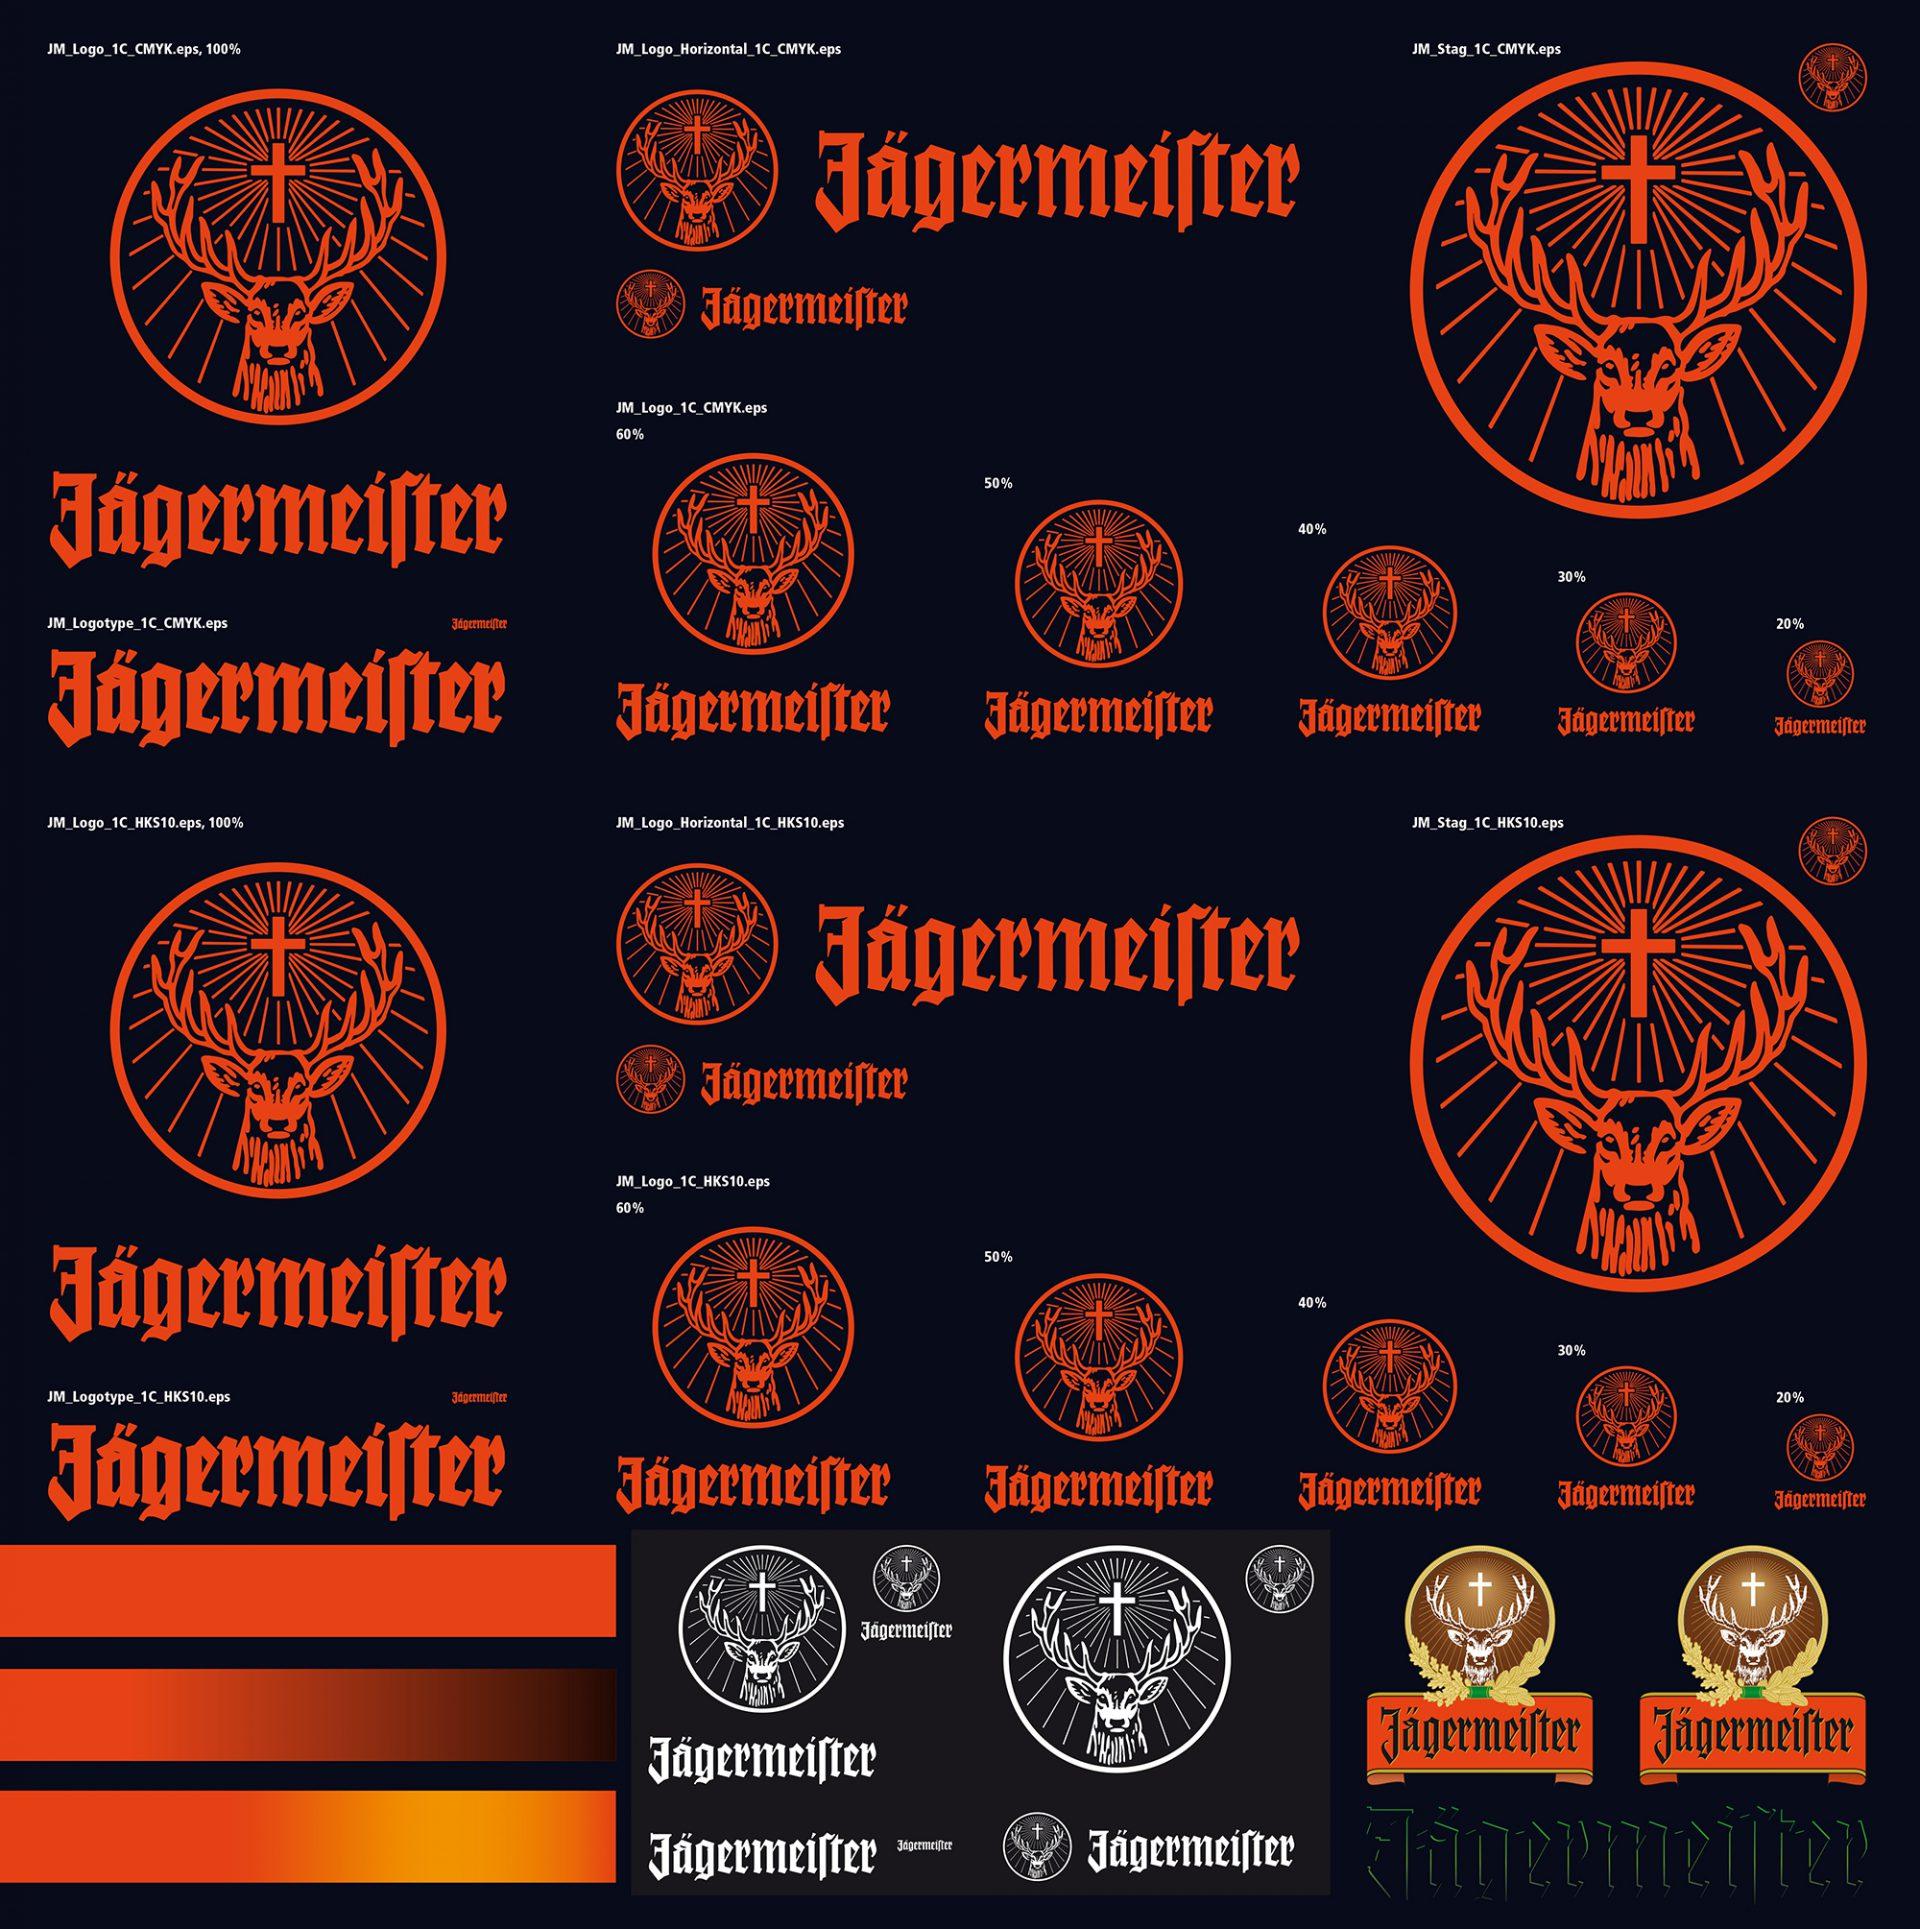 Eine Übersicht des neuen Brand Design von Jägermeister: Logos, Wortmarken, Bildmarken, Farben